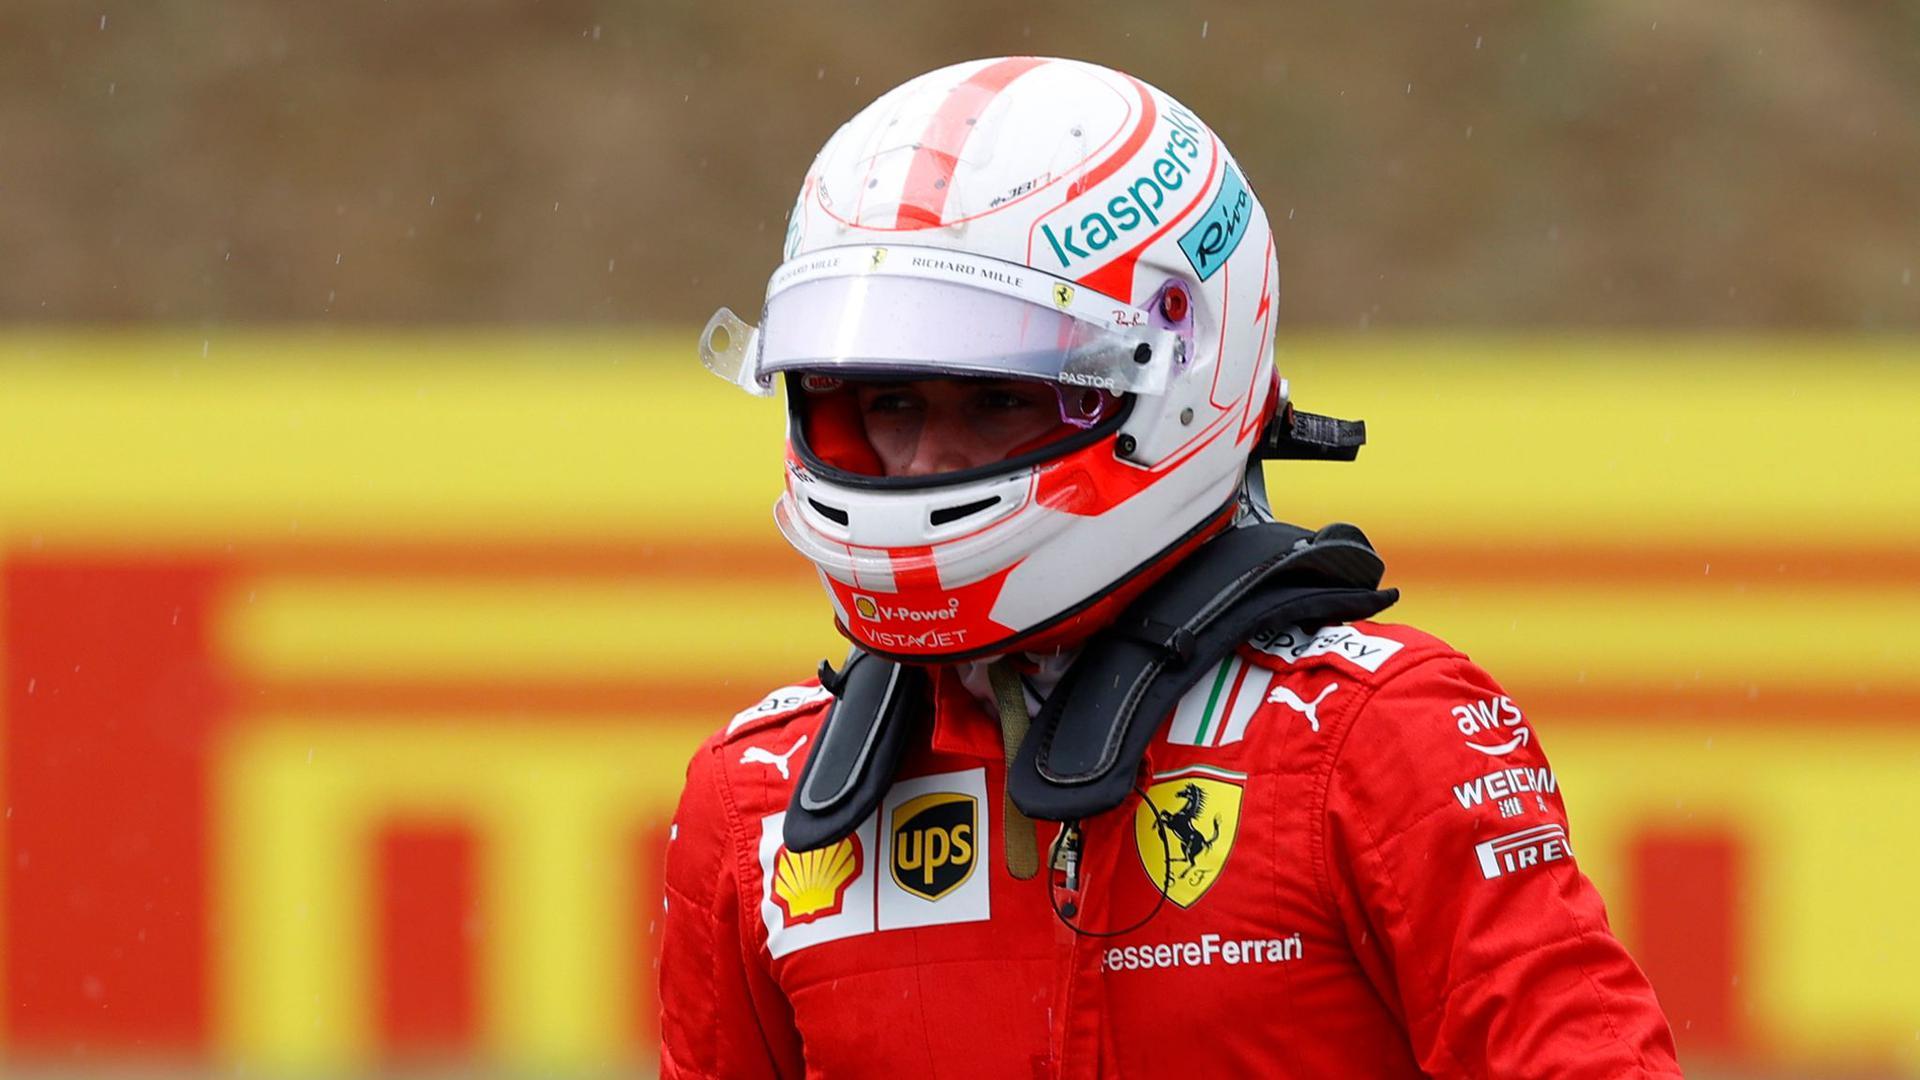 Muss vom Ende des Feldes in das Formel-1-Rennen in Sotschi starten: Ferrari-Pilot Charles Leclerc.